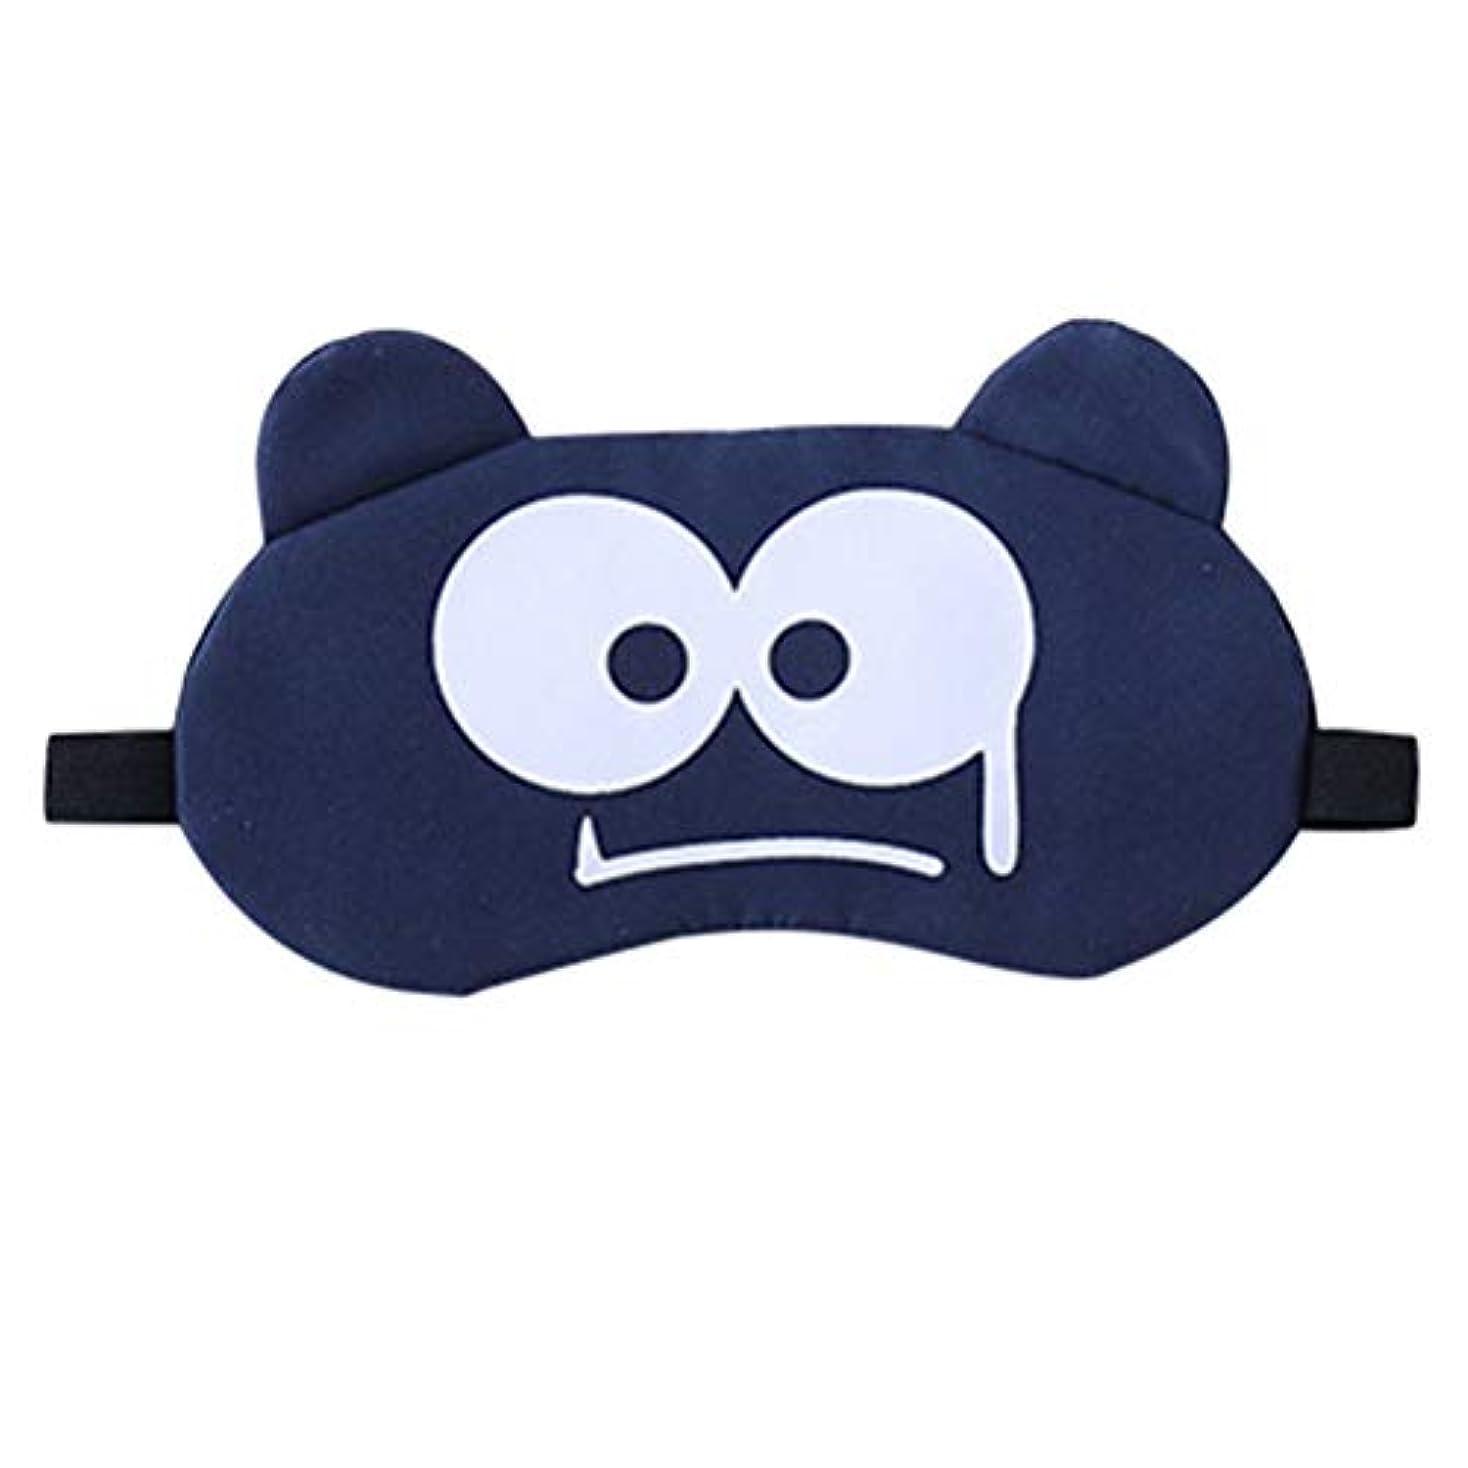 同行統治可能リビングルームLurrose 冷却アイマスク日陰昼寝カバー面白い目隠し休憩援助疲労軽減通気性アイパッチ